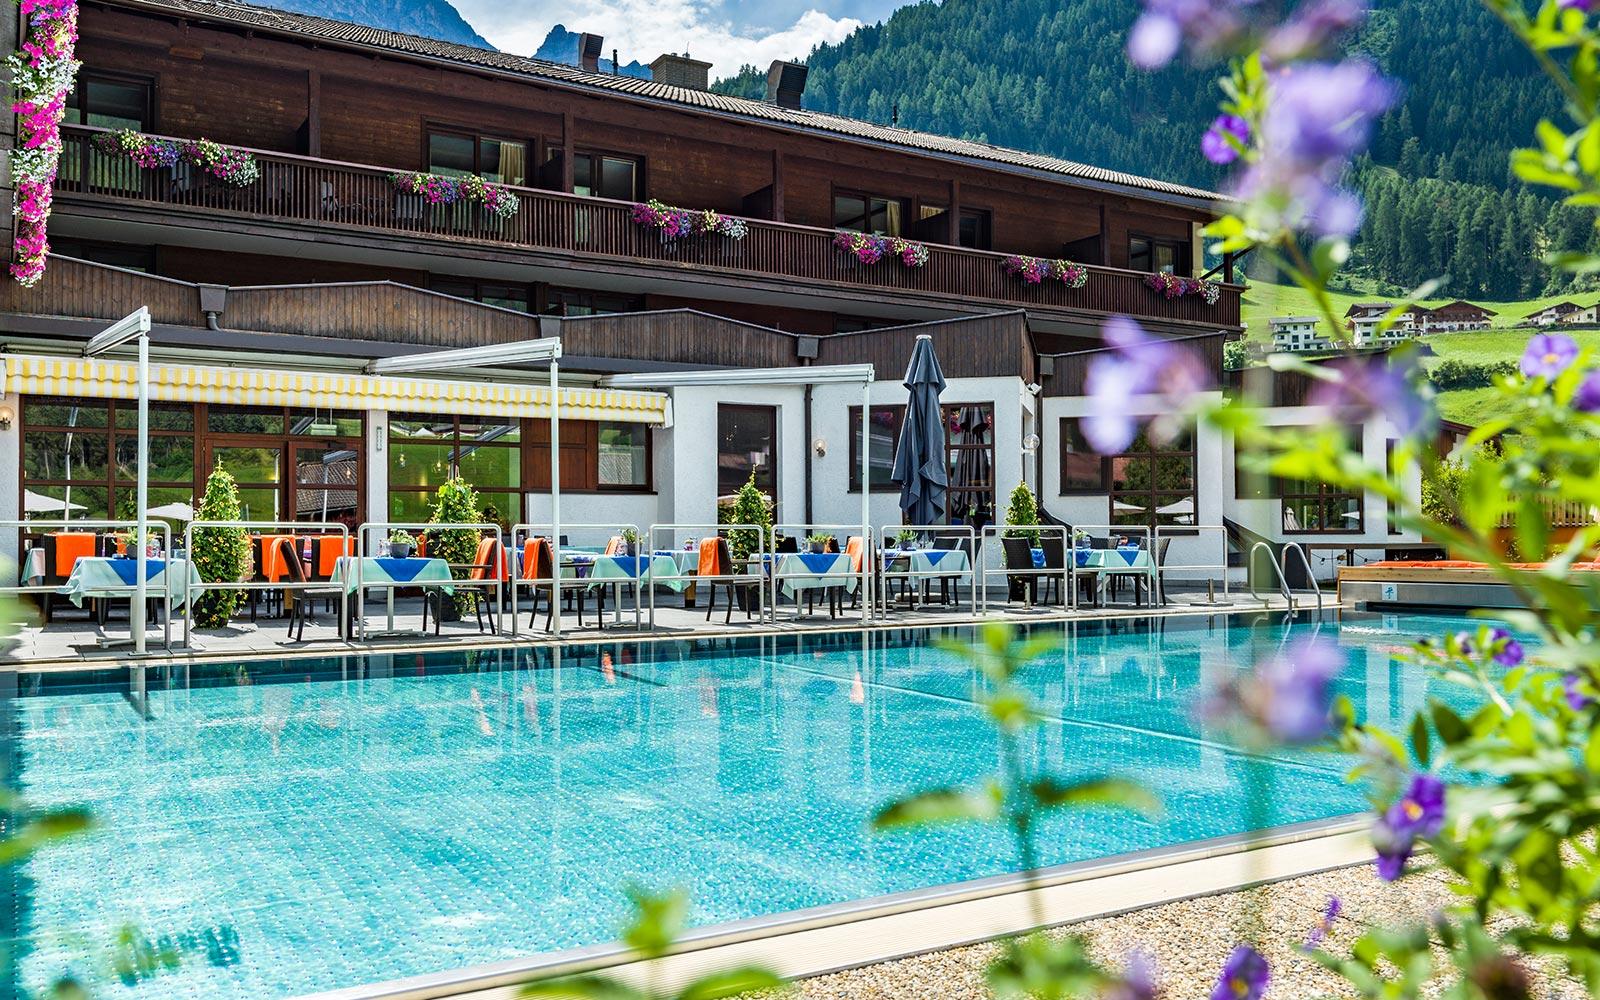 Opening Happy Stubai Hotel Neustift Tirol Stubaier Gletscher Österreich